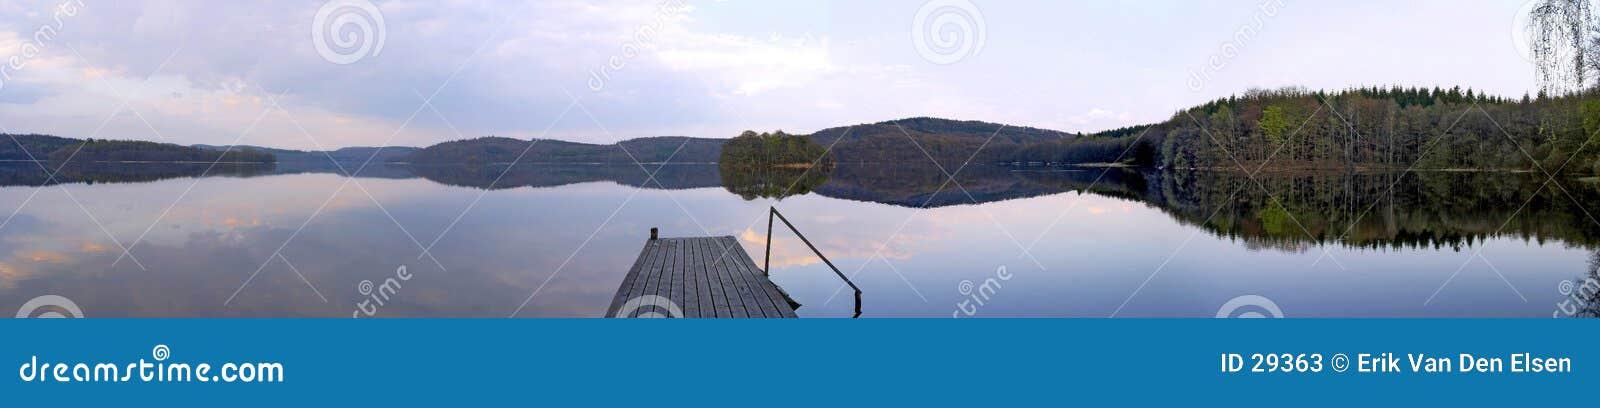 湖全景瑞典